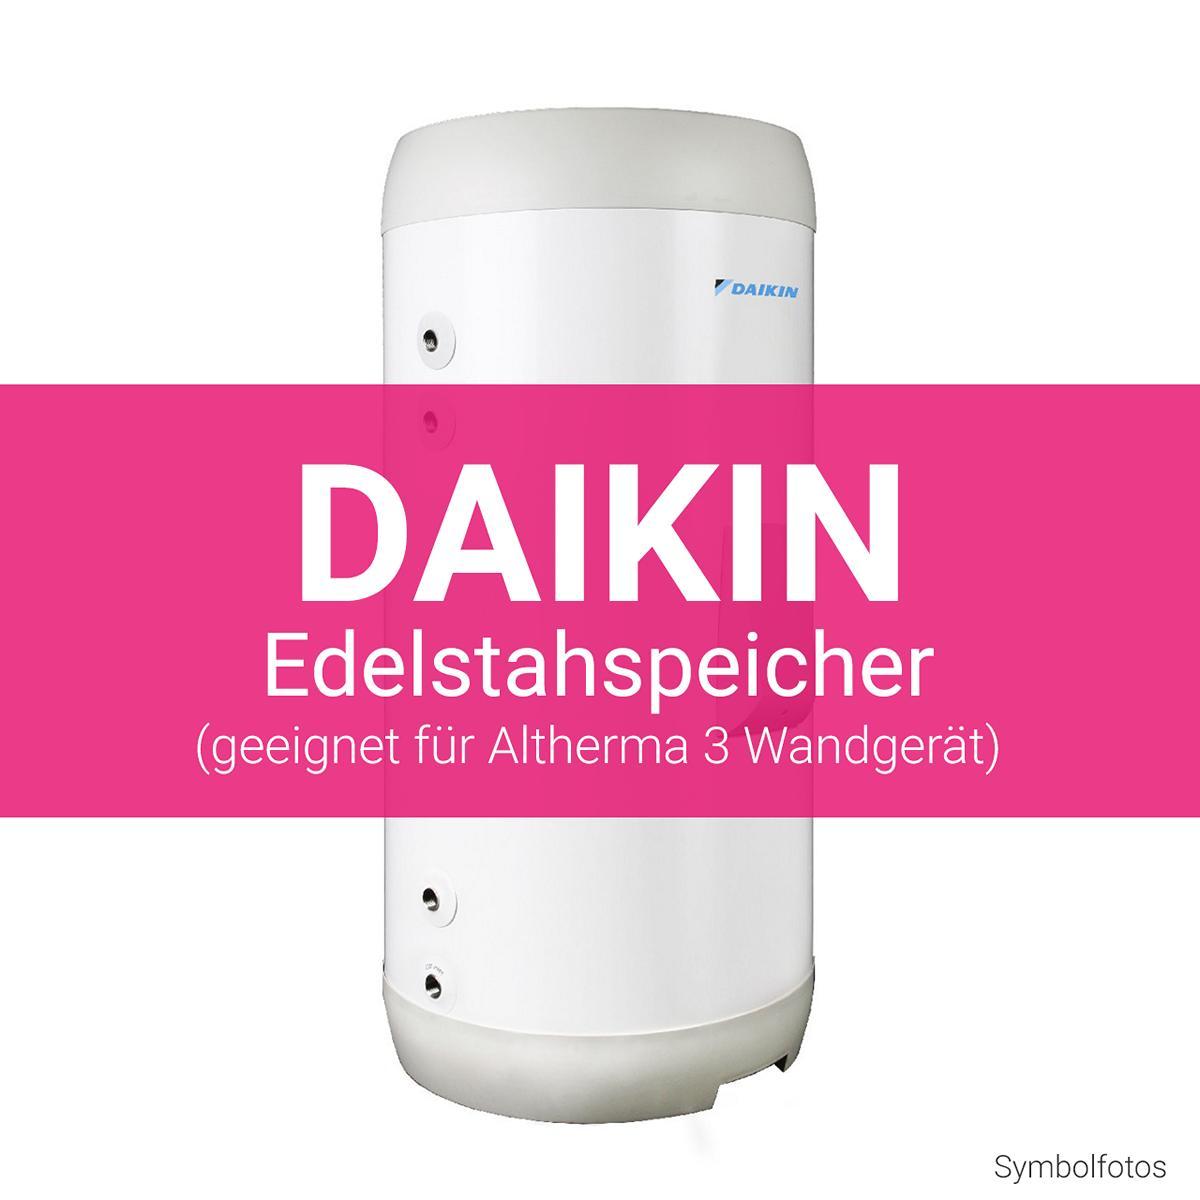 Daikin Edelstahlspeicher Altherma 3 Wandgerät